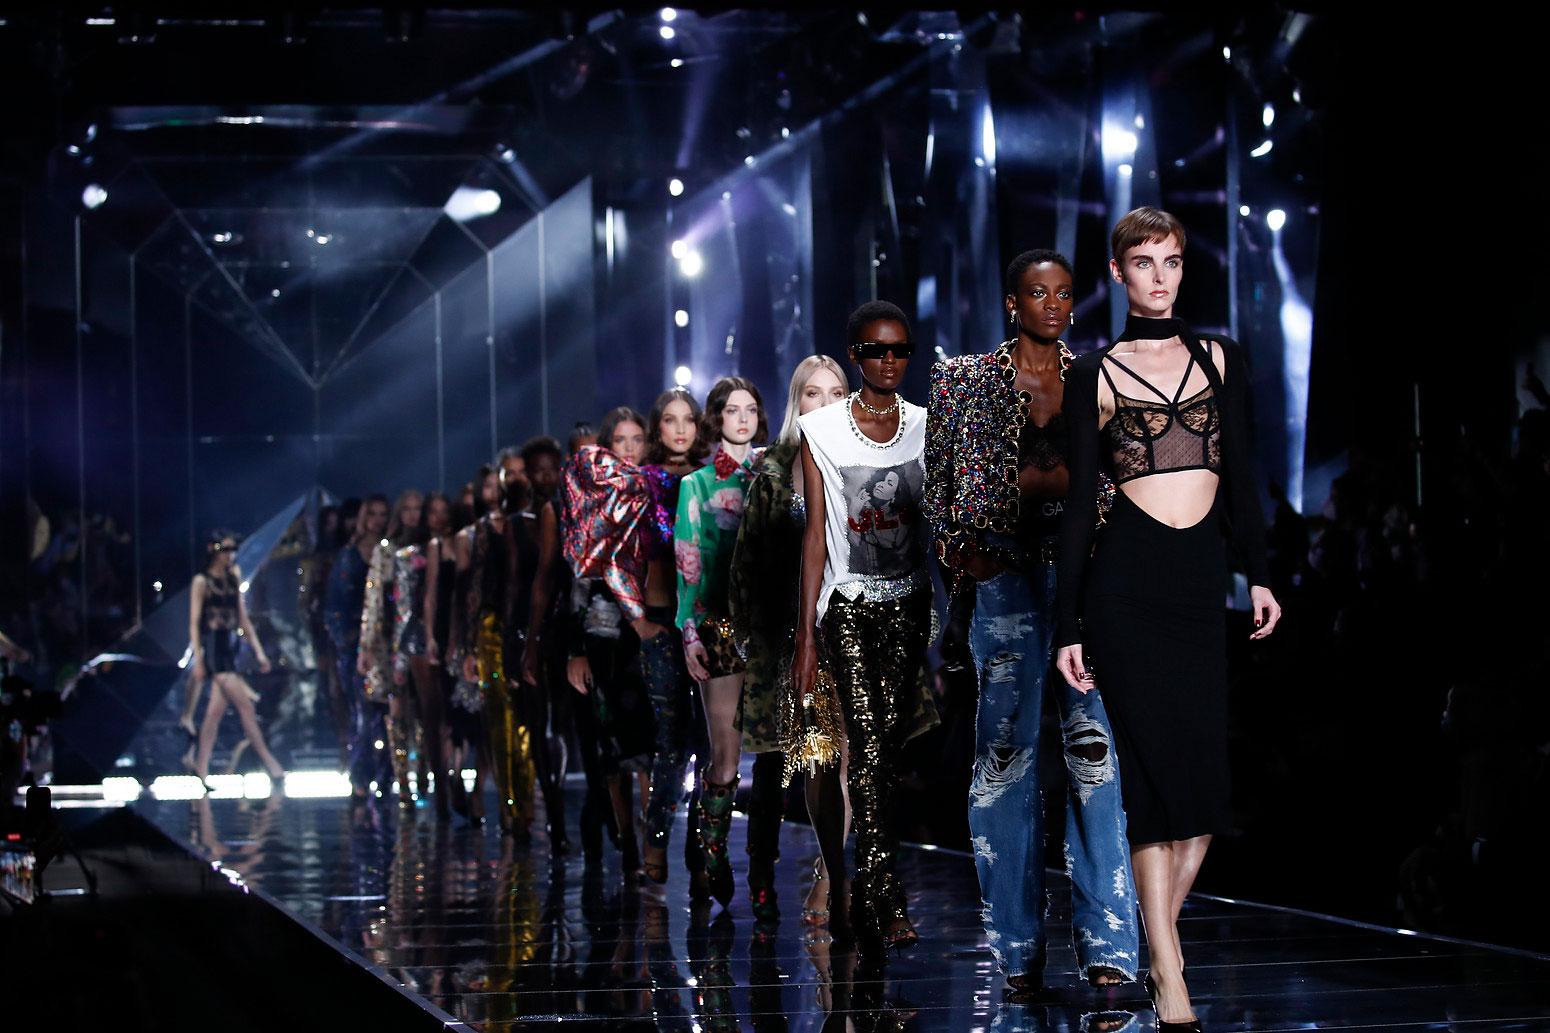 Dolce & Gabbana Xuân Hè 2022 tiếp tục lăng-xê phong cách Y2K 1